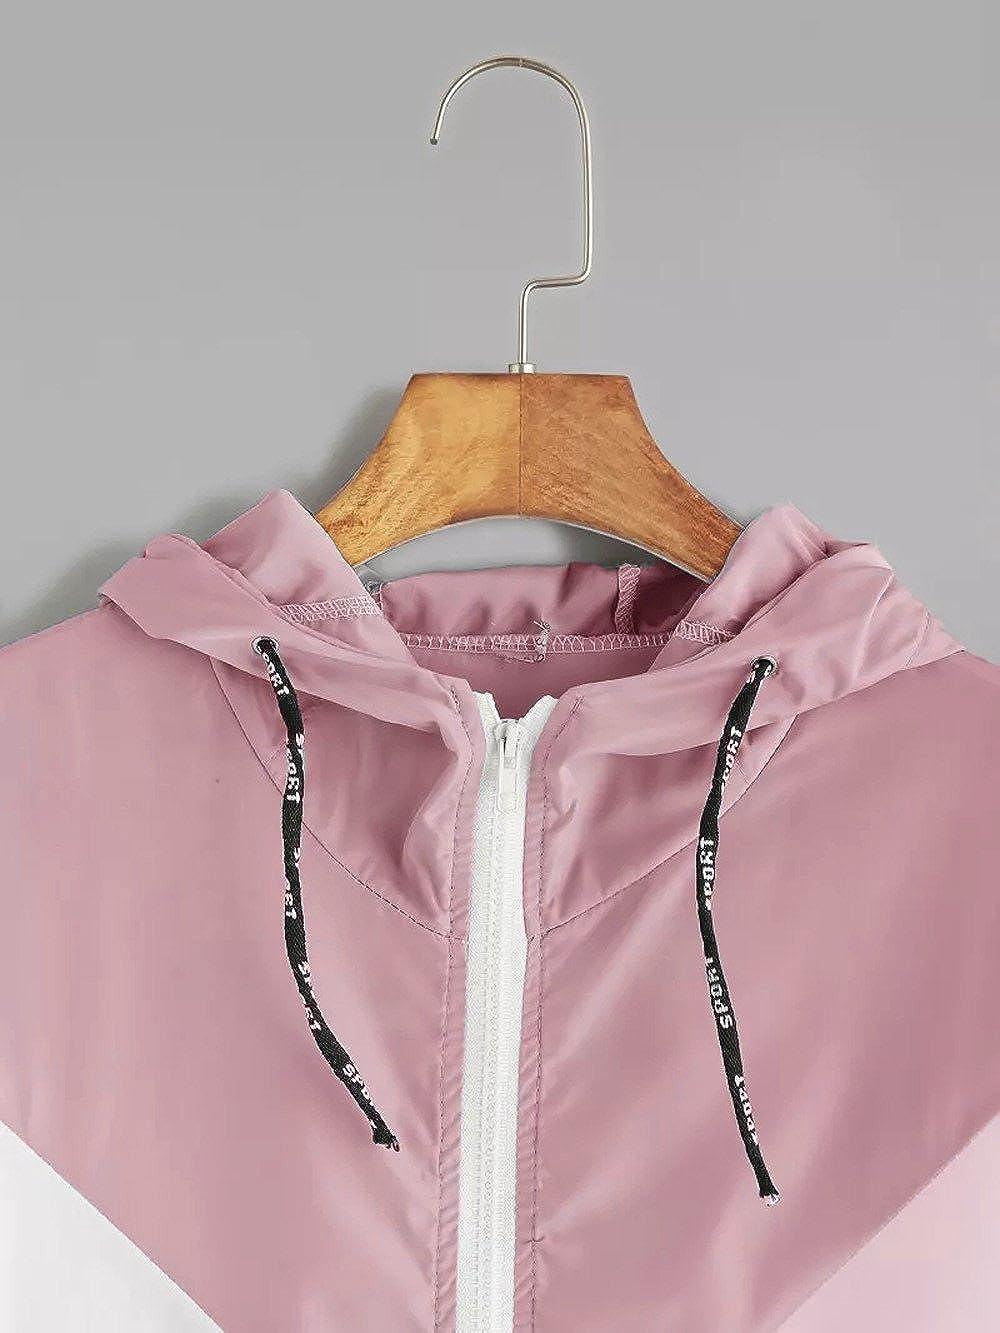 iLH Women Patchwork Thin Hooded Zipper Pockets Sport Coat Long Sleeve Running Outwear